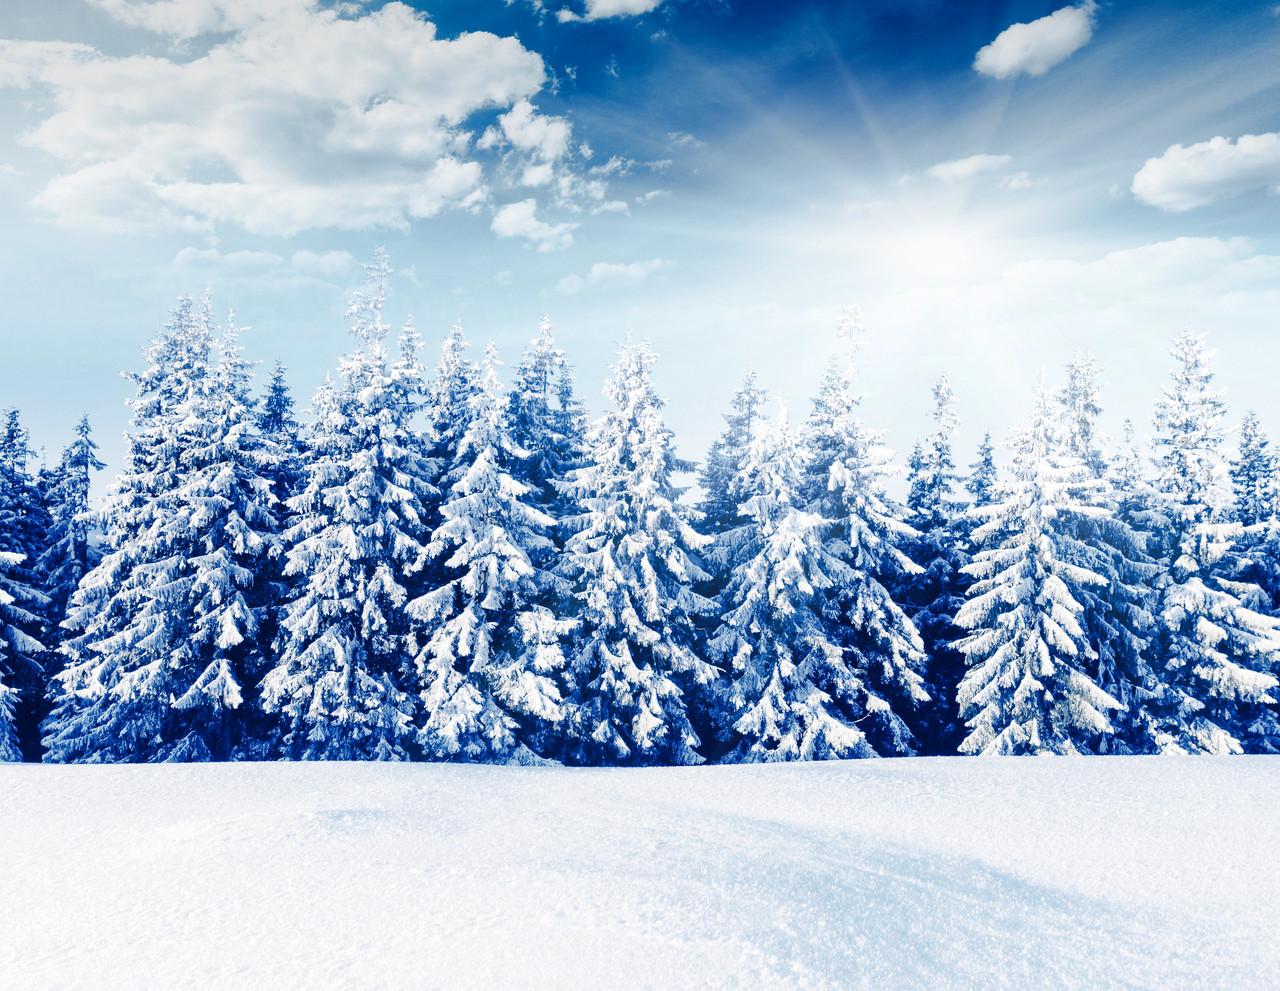 Зимний лес красивые обои для рабочего стола (3)